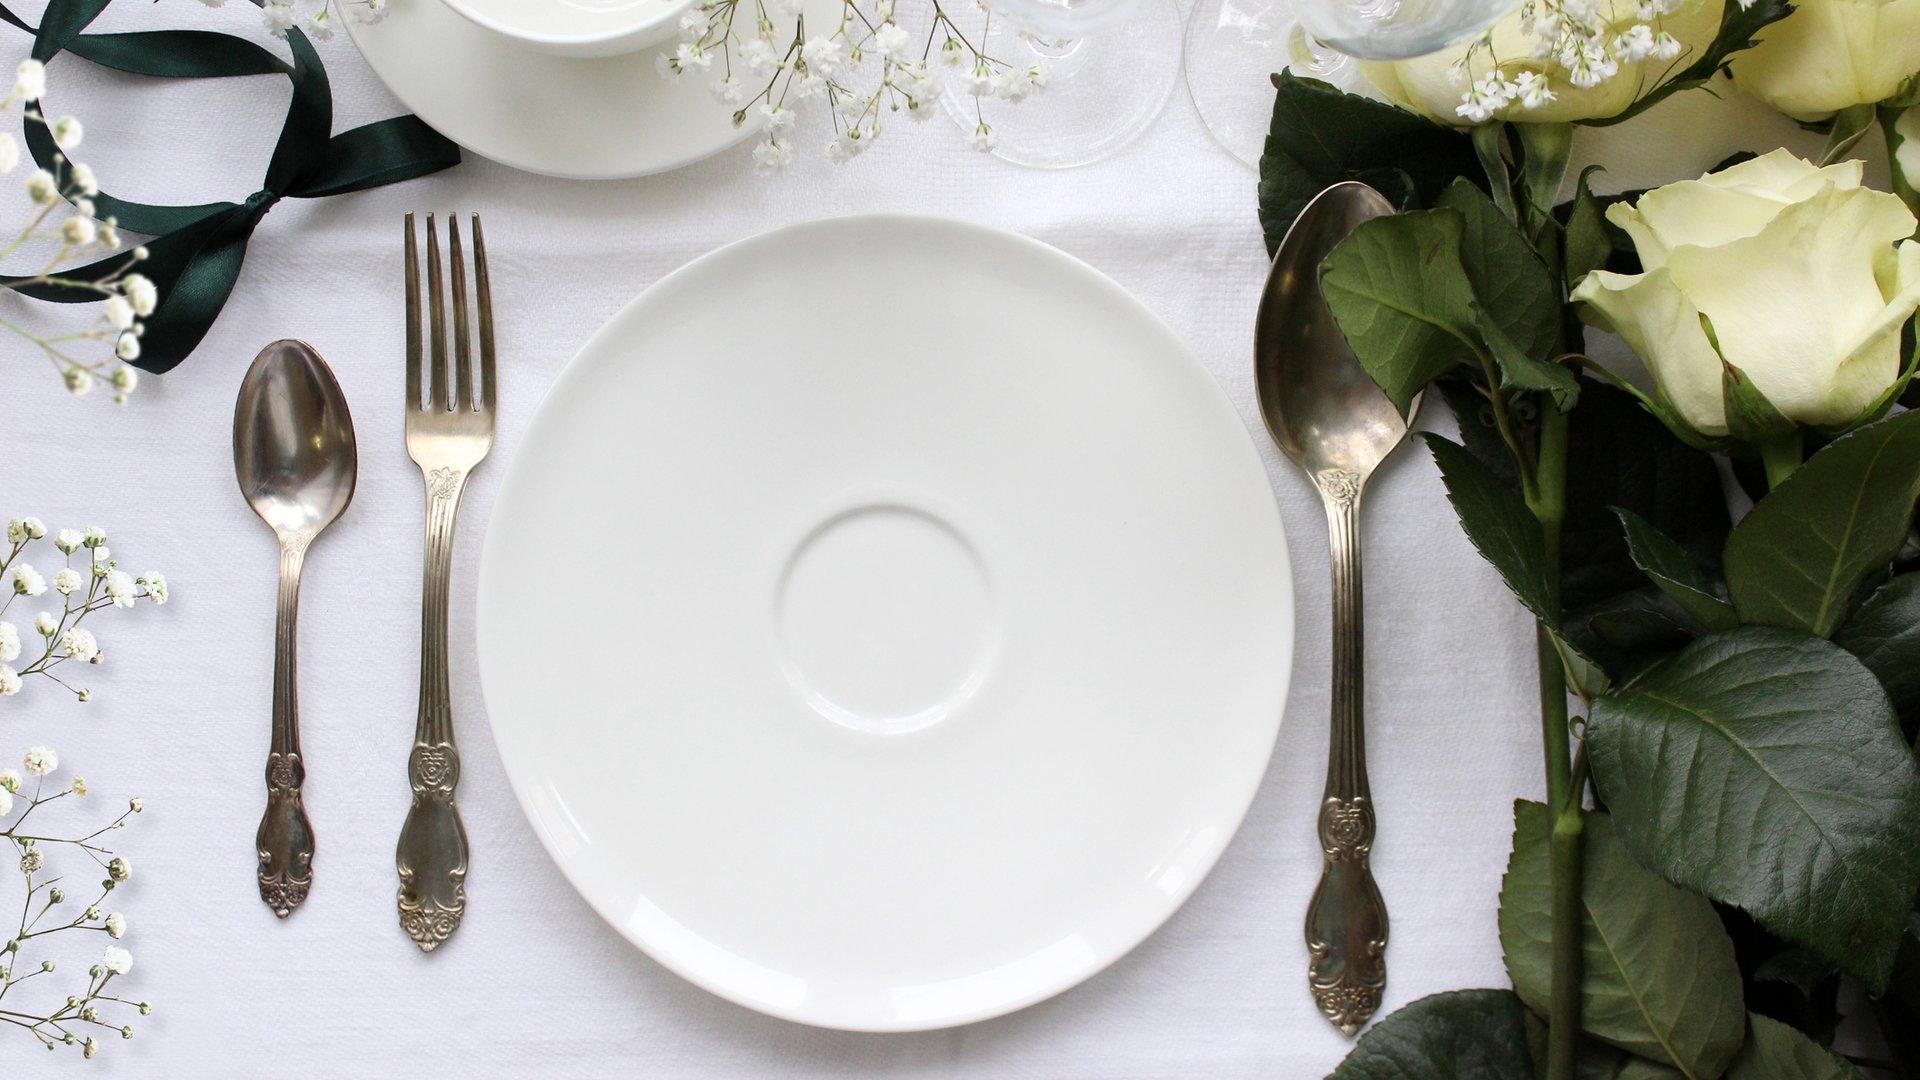 Bedeutung 58 hochzeitstag Alle Hochzeitstage